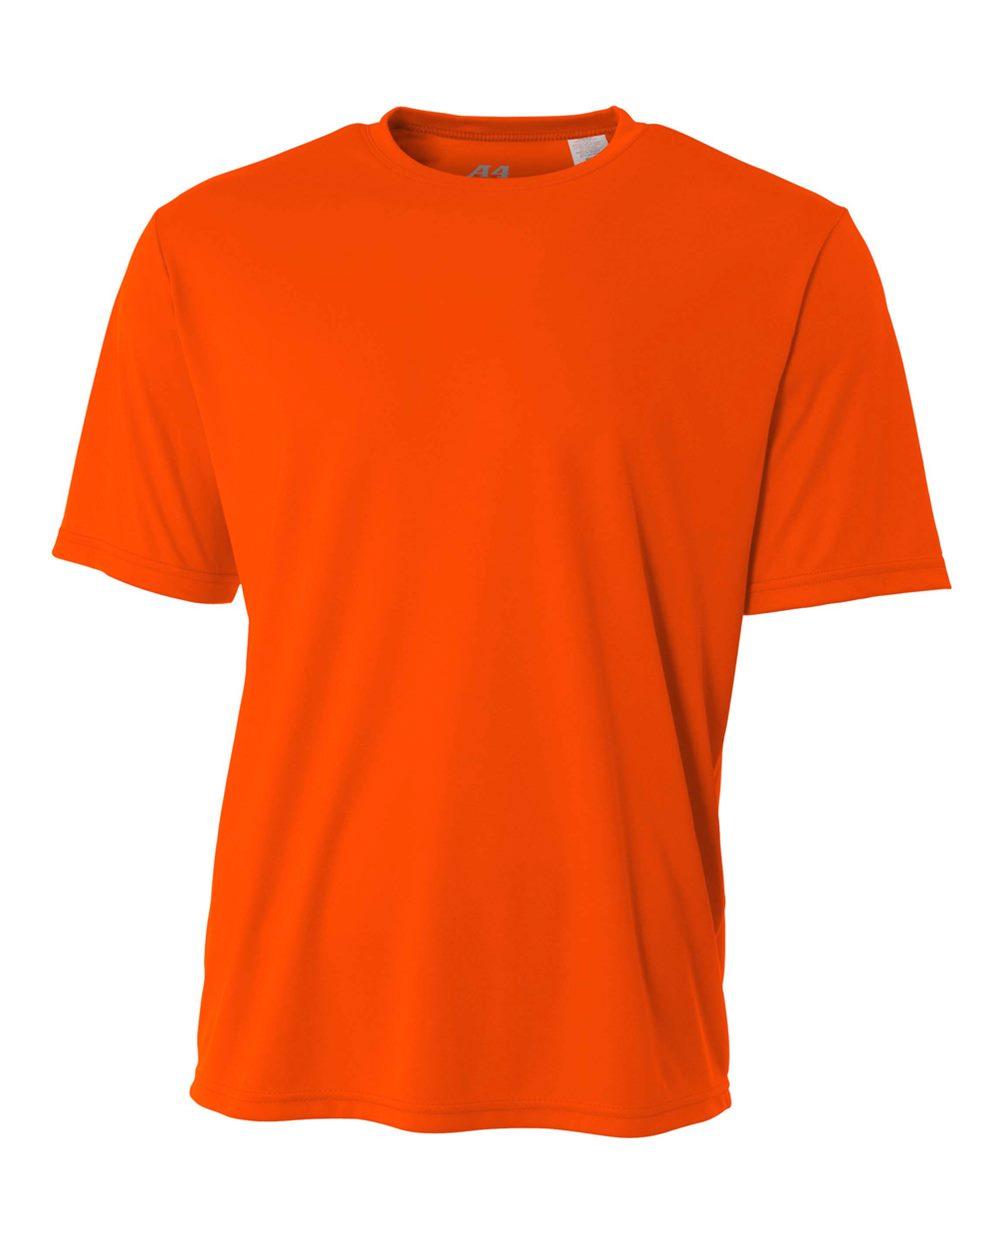 mw-polo-safety-orange.jpg